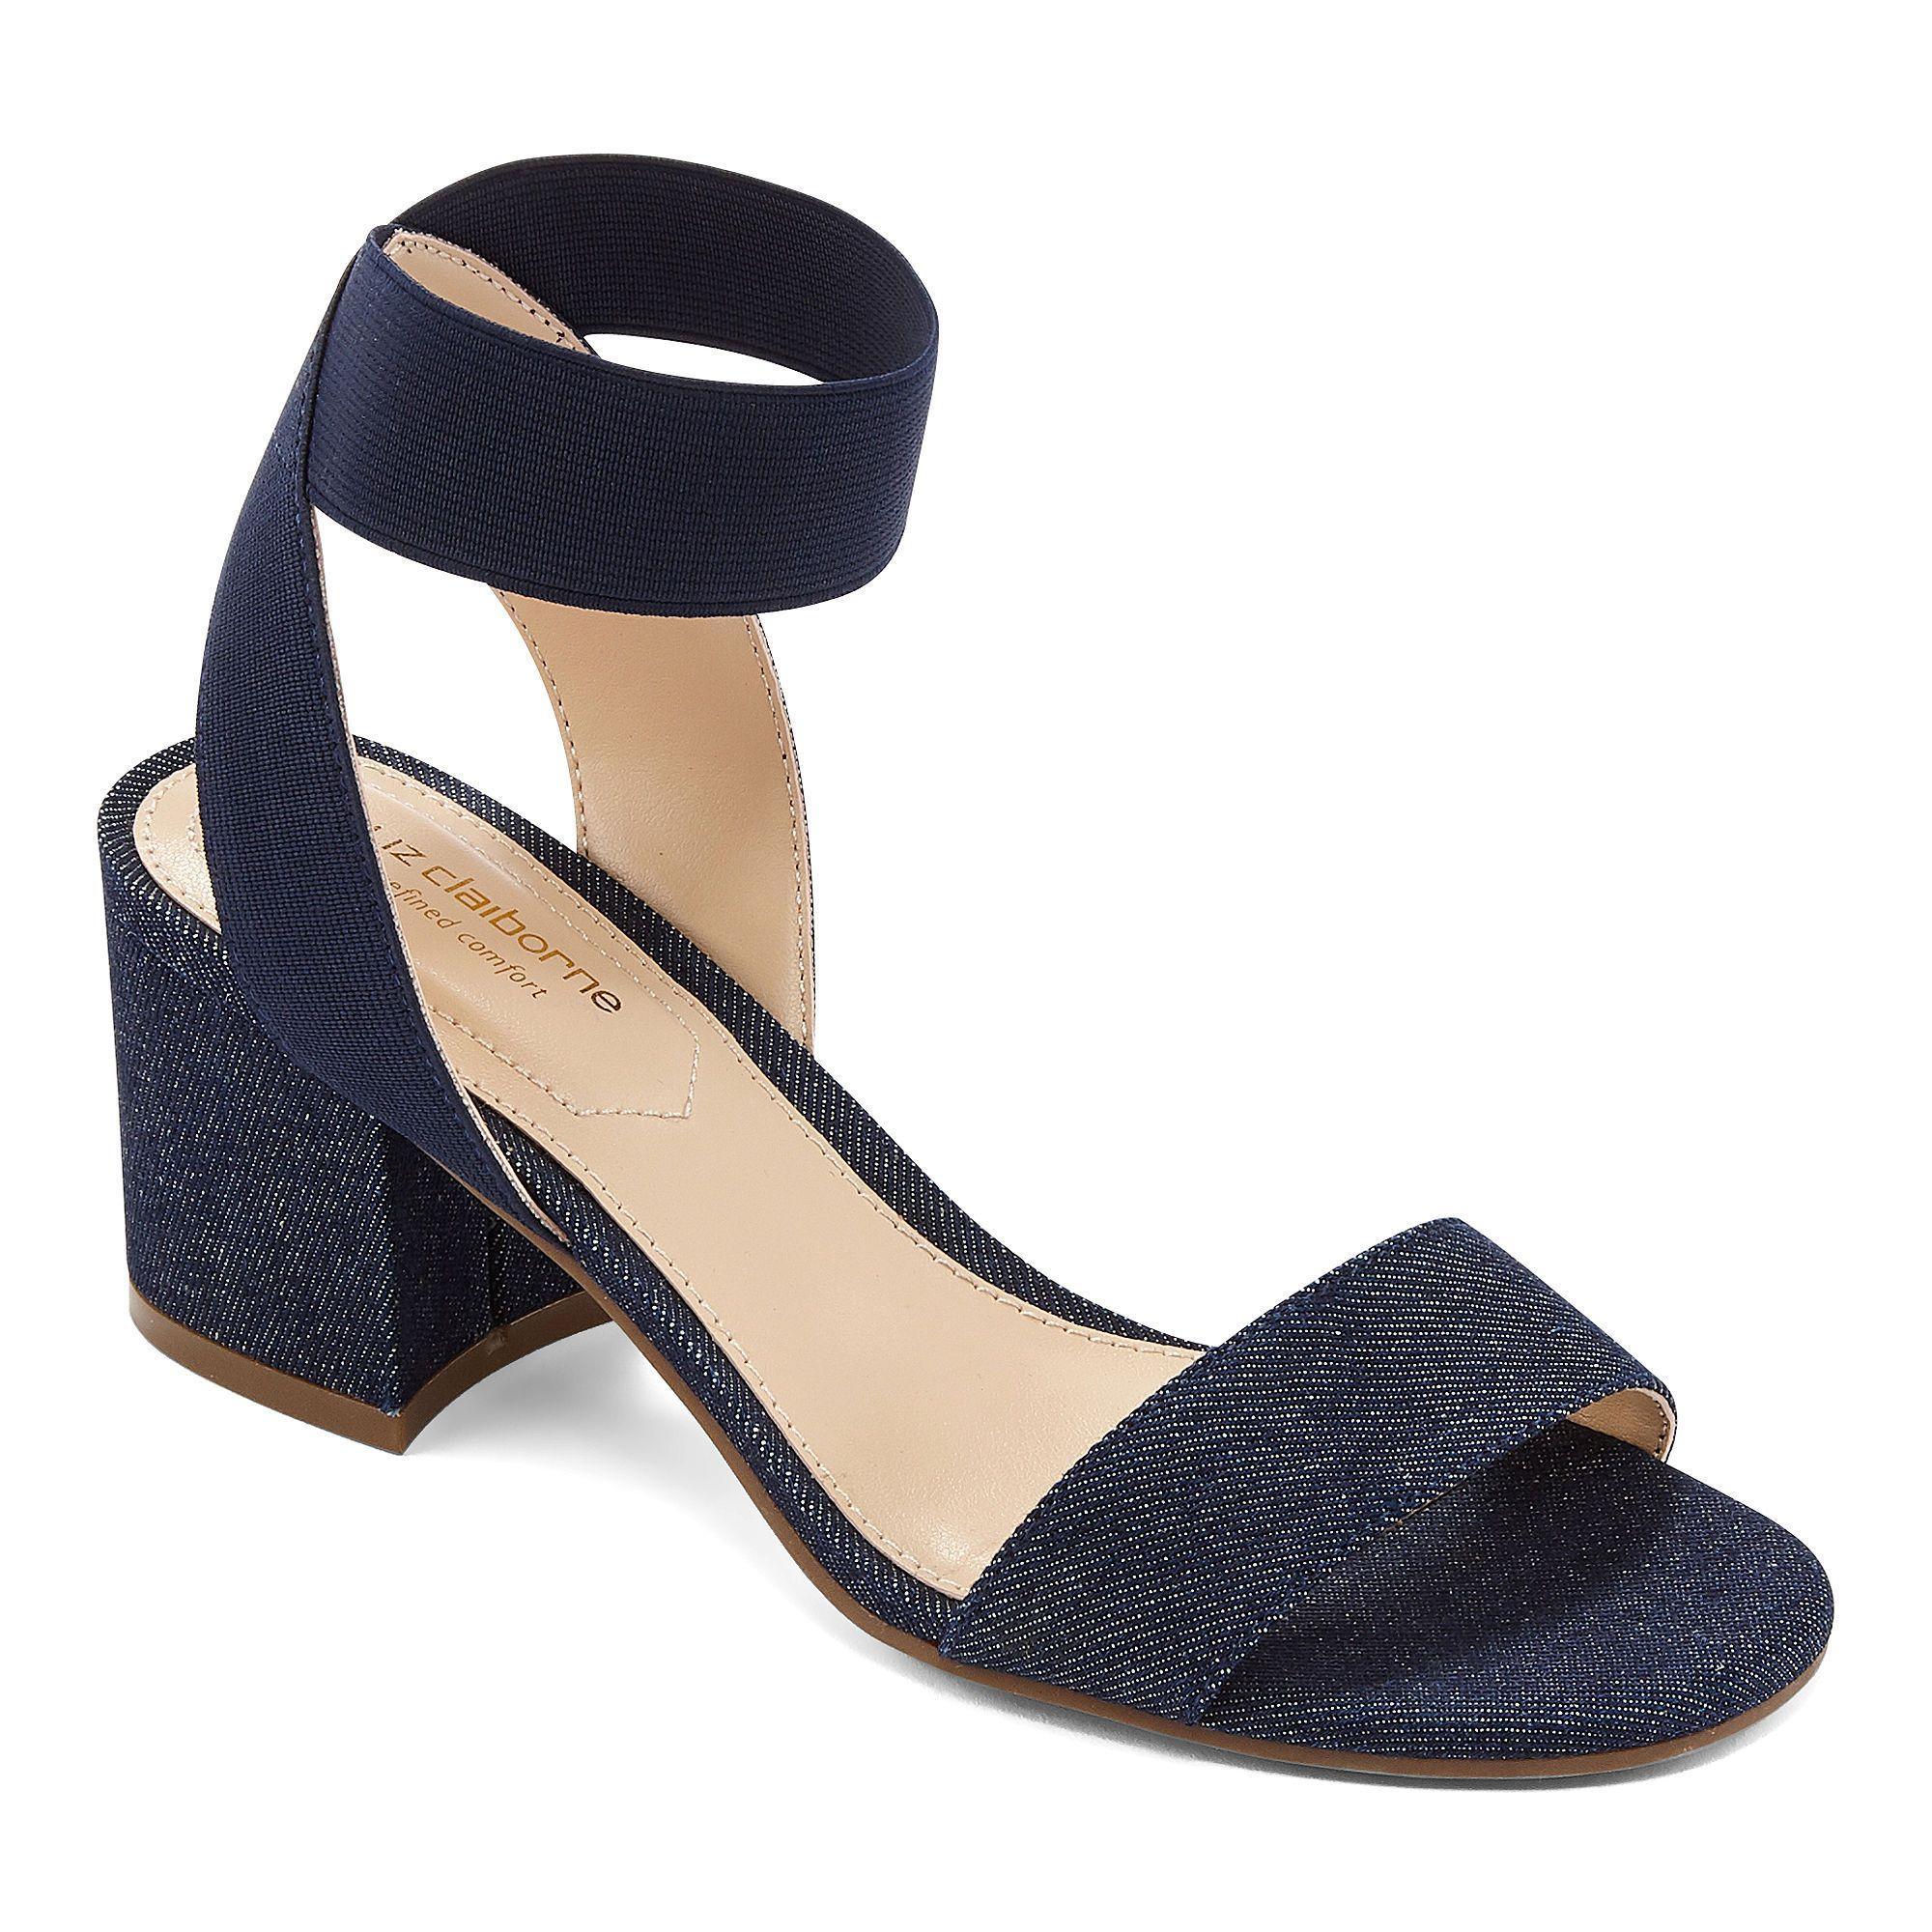 Liz Claiborne Womens Eastwick Strap Sandals Jcpenney Liz